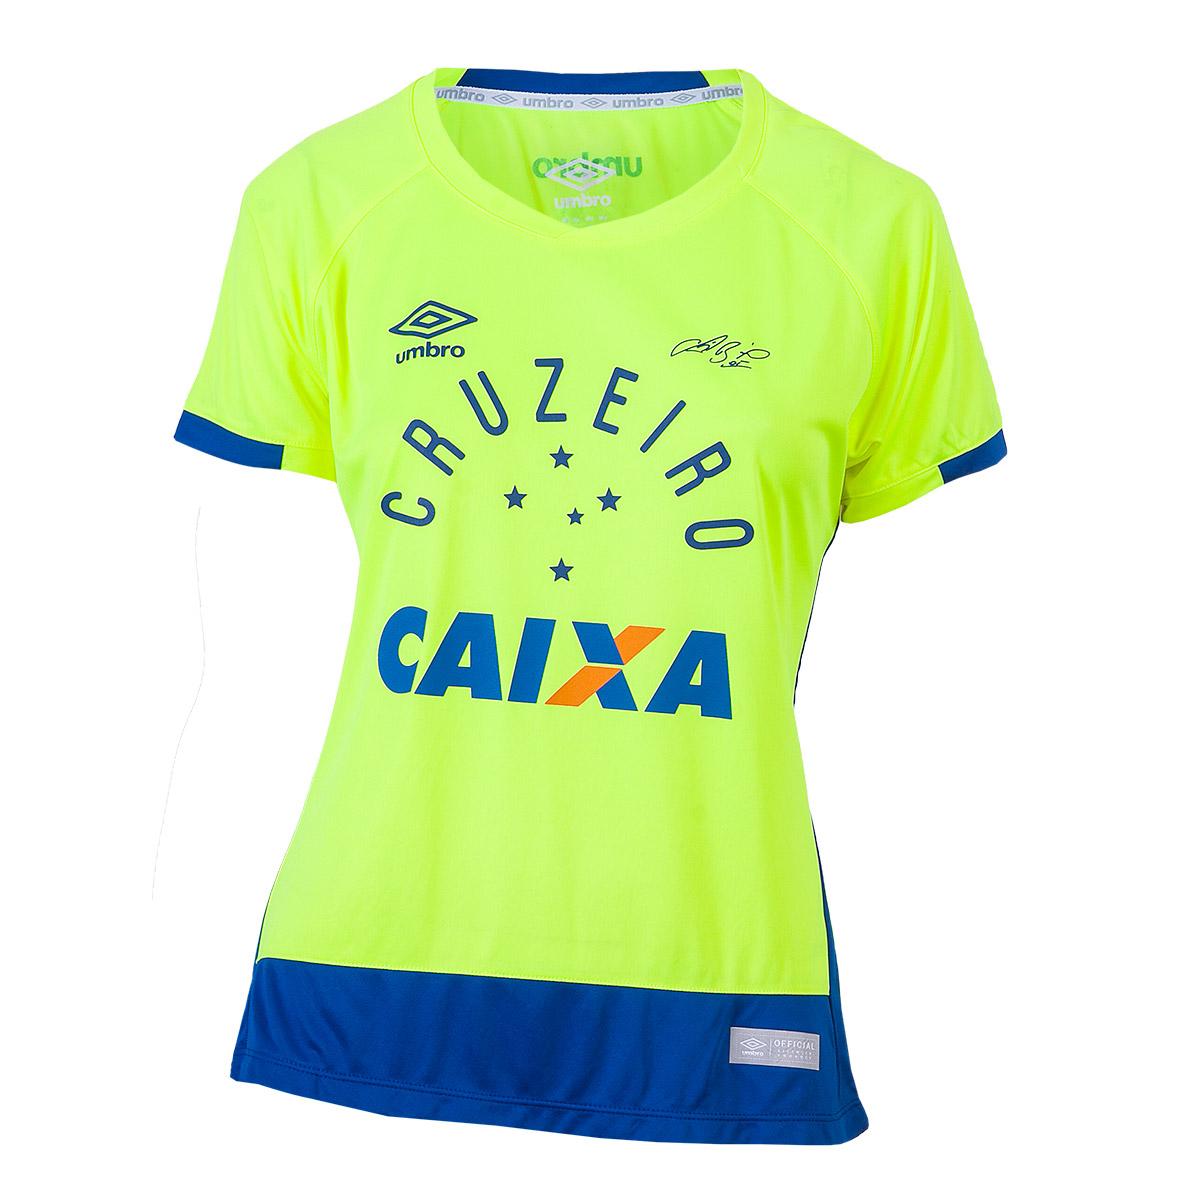 Camisa Fem. Umbro Gole. Cruzeiro 2016 - Verde Vibrante